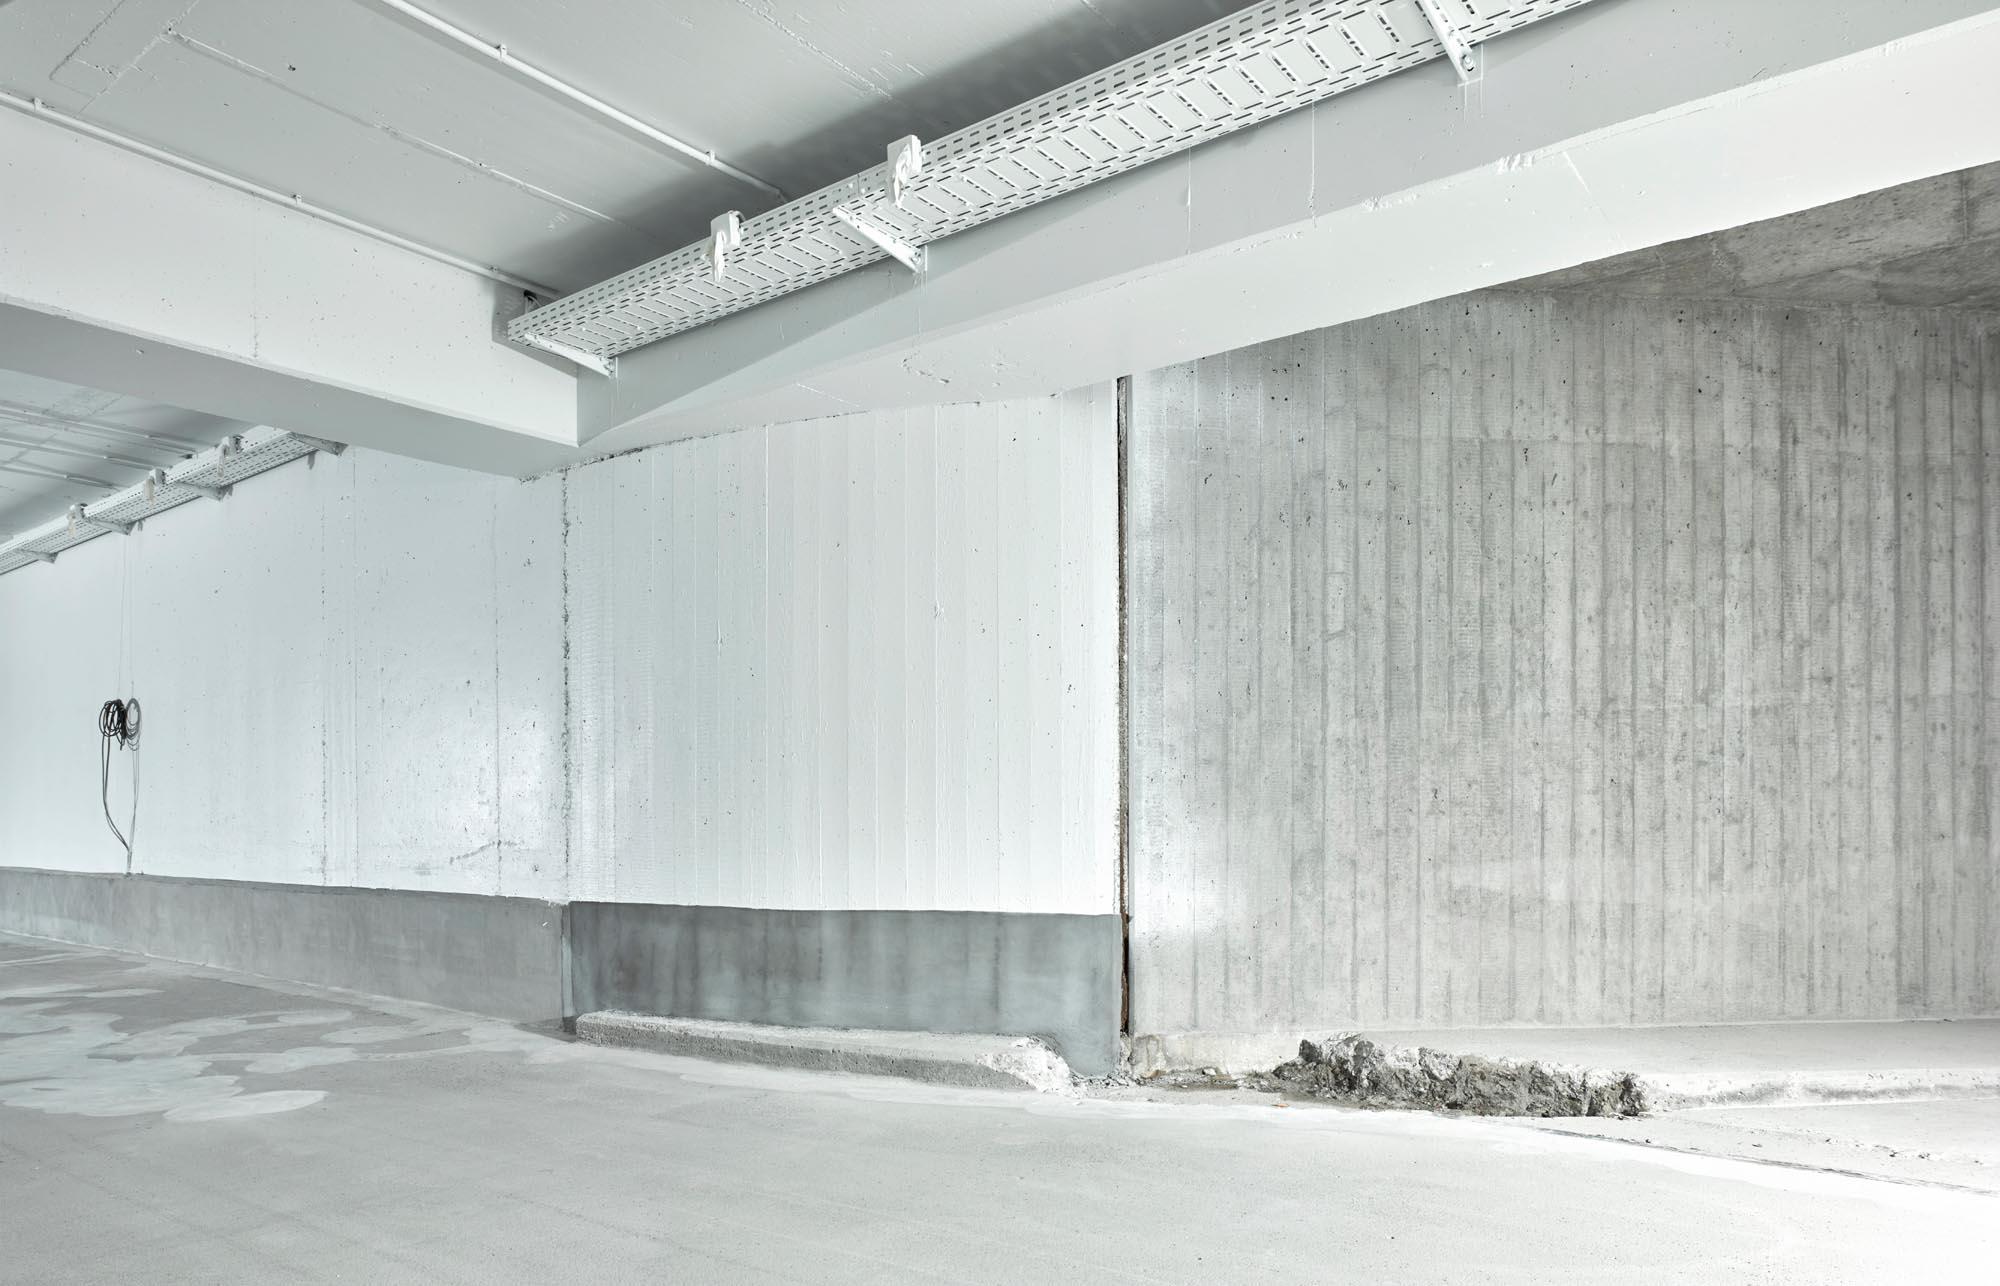 Bueze TG 13 11 1618538 - Ingenieurbüro Zimbelmann: Fotografie vor der Instandsetzung einer Tiefgarage